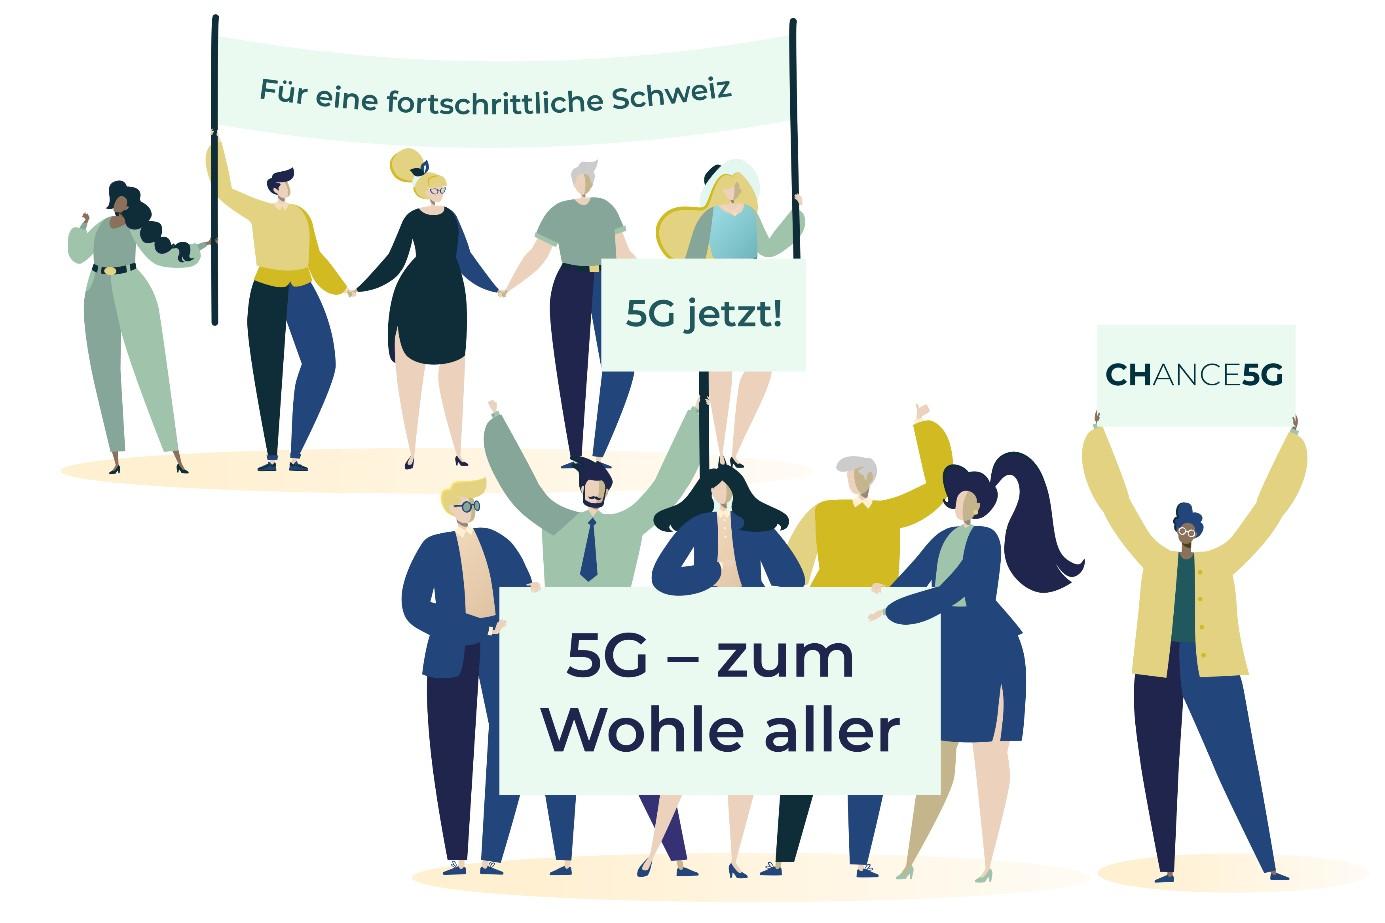 Die 5G-Infrastruktur ist für den Wirtschaftsstandort Schweiz matchentscheidend